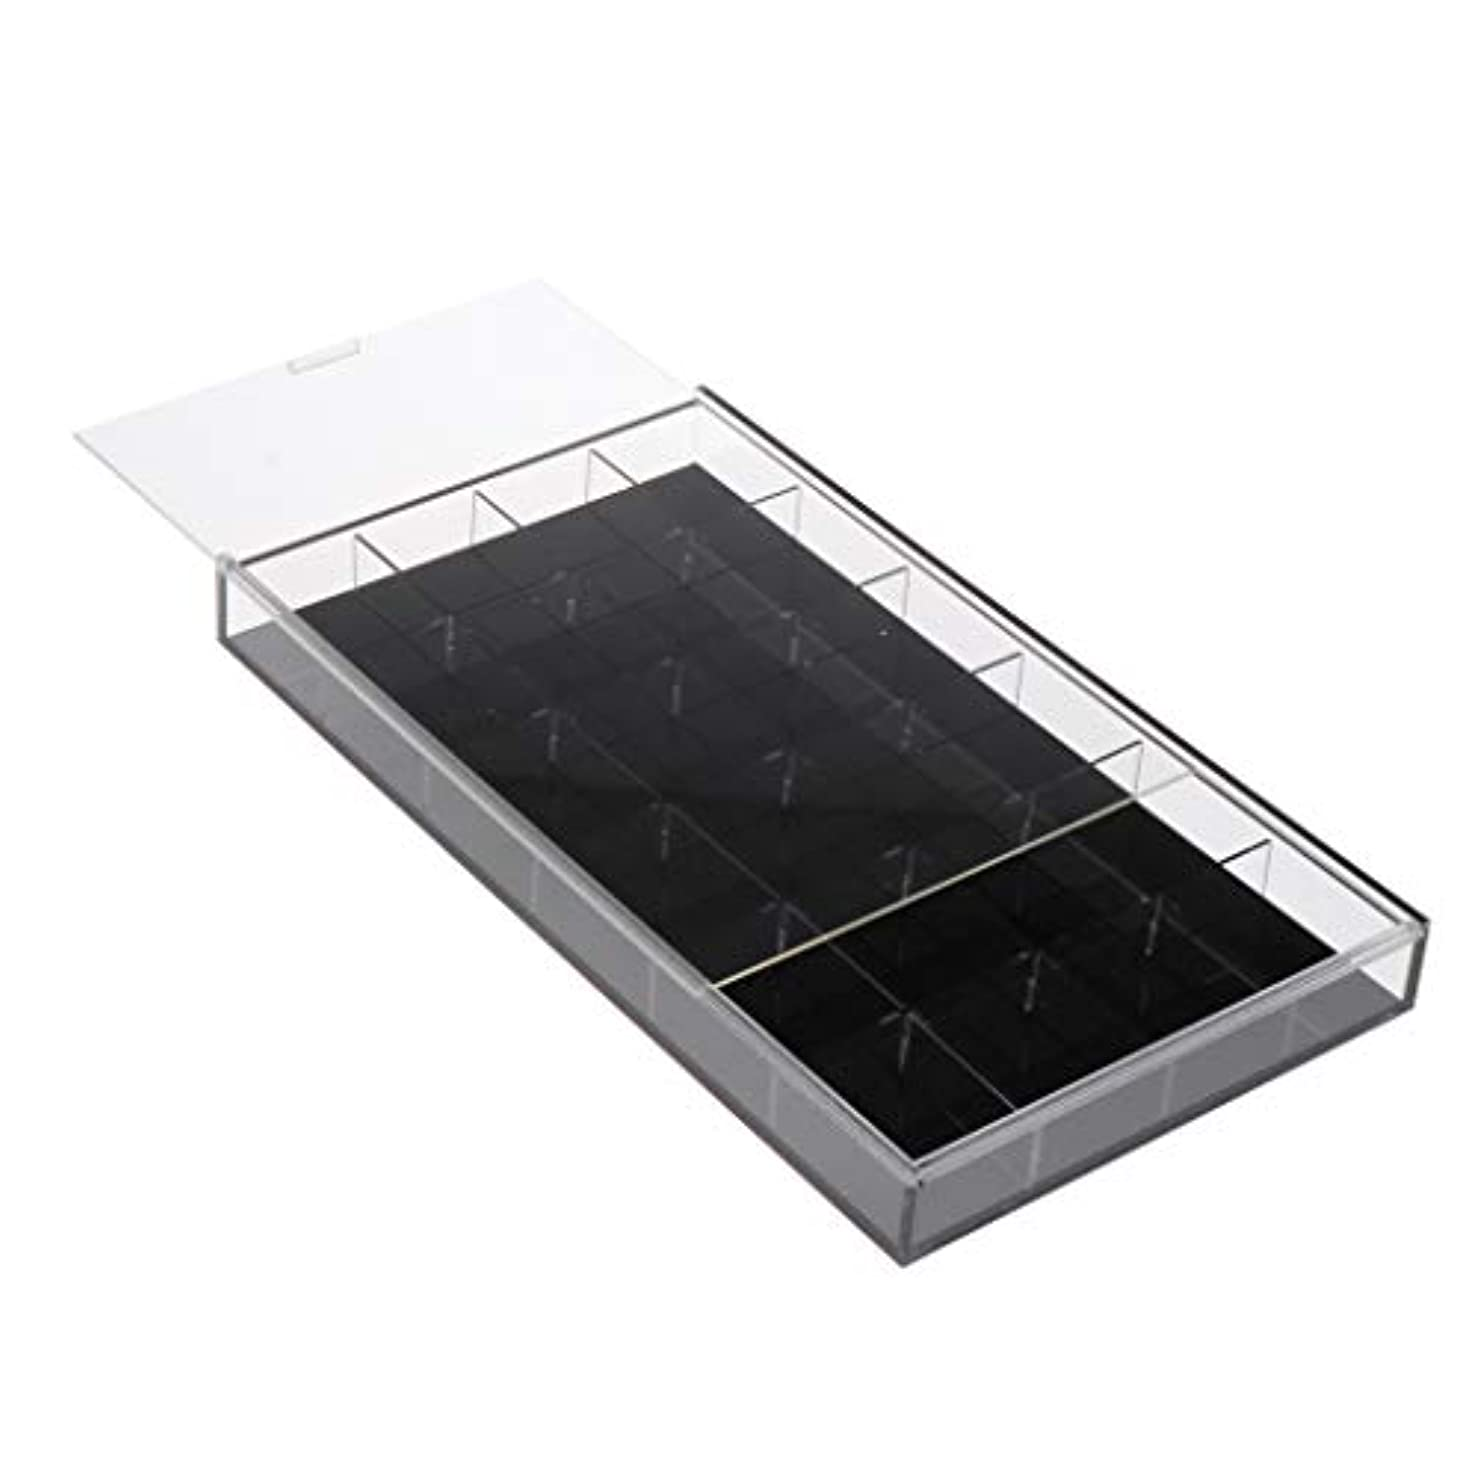 名声理論的描写Toygogo ネイルアート 収納ケース アクリルケース ジェルネイル ネイルパーツ 小物入れ 全2カラー - 黒